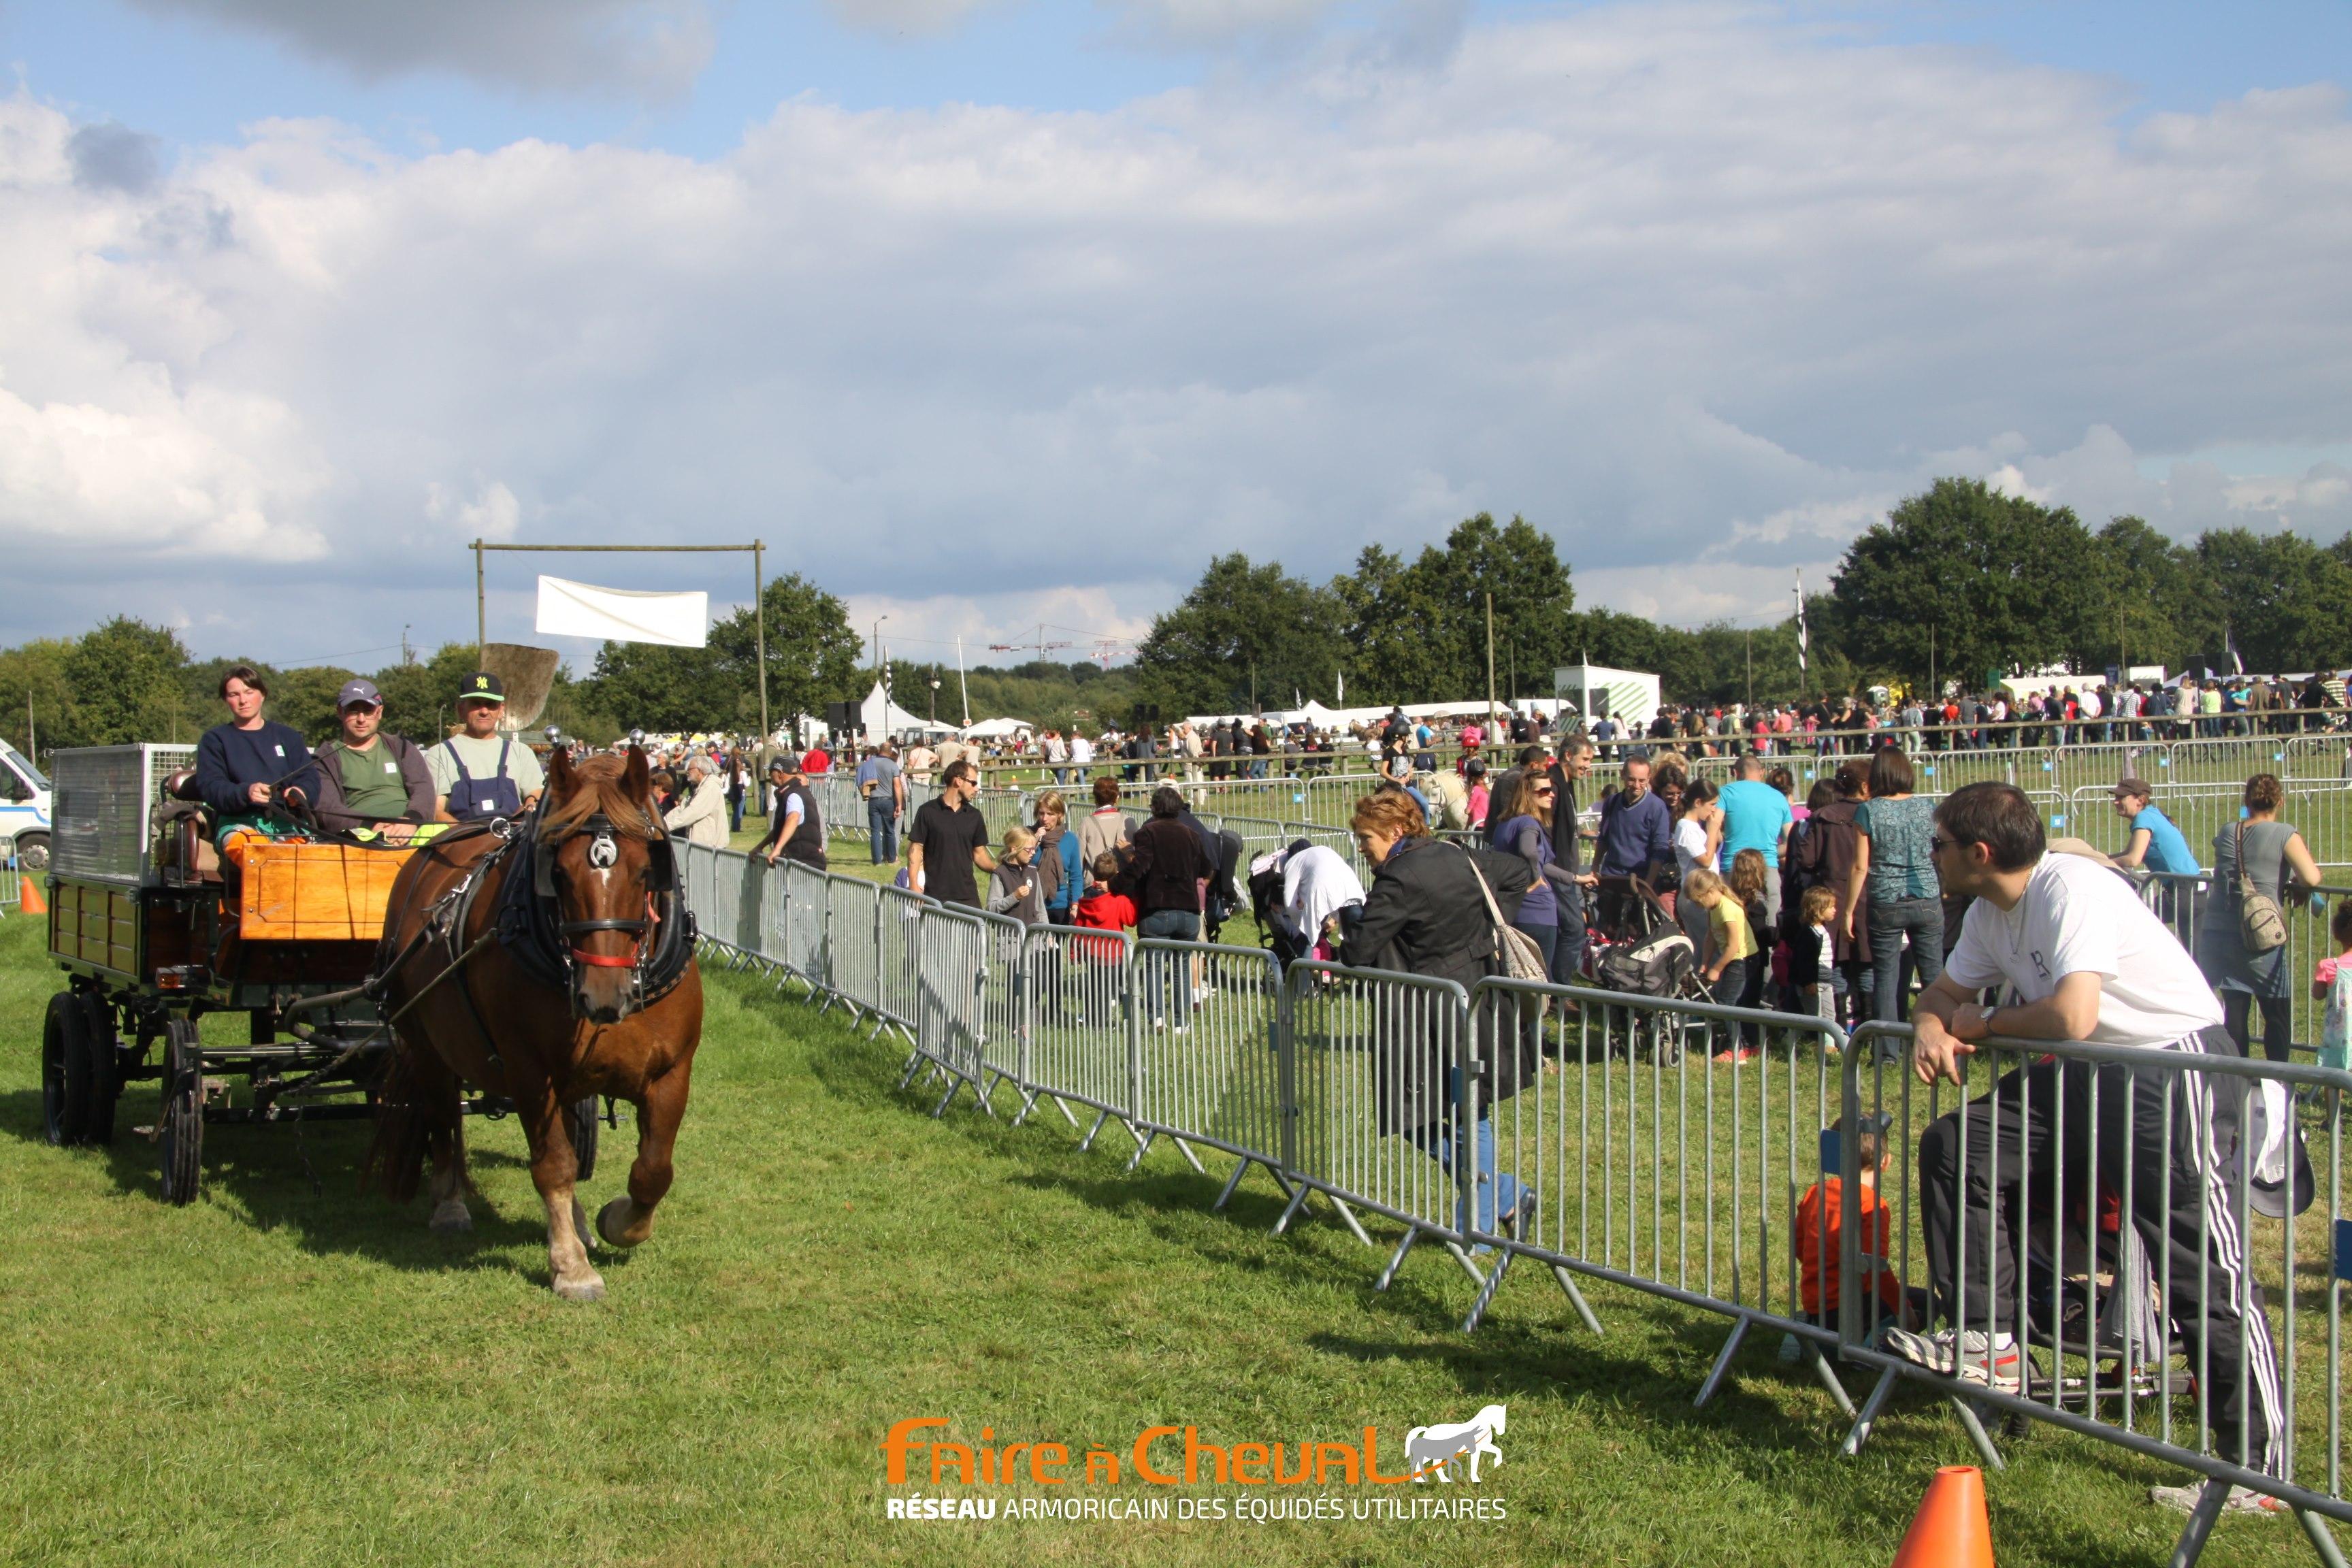 Fête du cheval 2015 - L'attelage des Gayeulles de la ville de Rennes participe au parcours urbain